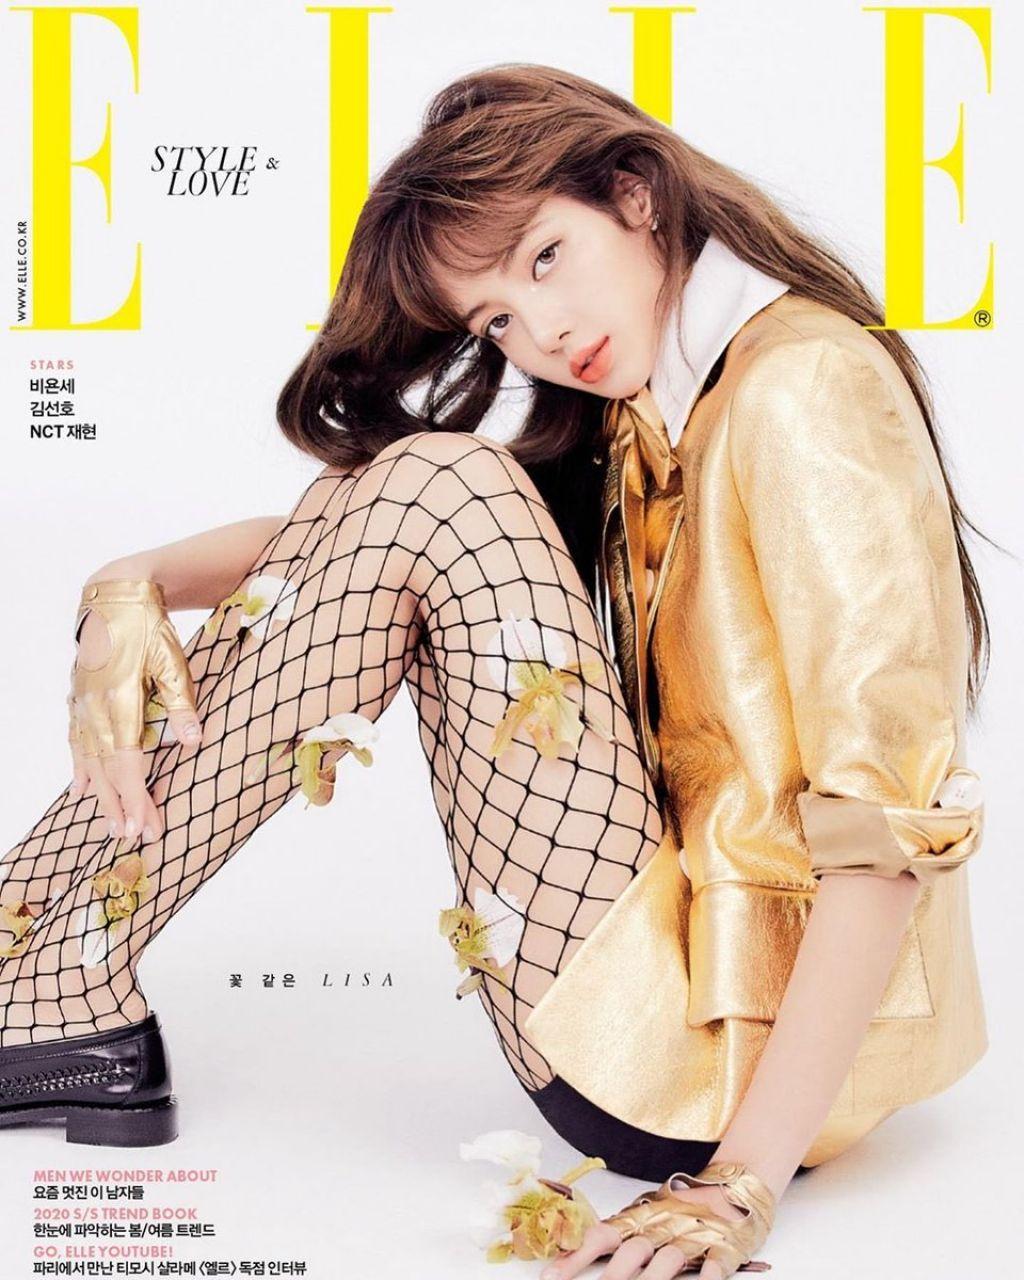 BLACKPINK Lisa Stars The New Cover of ELLE Korea Magazine February 2020 Issue